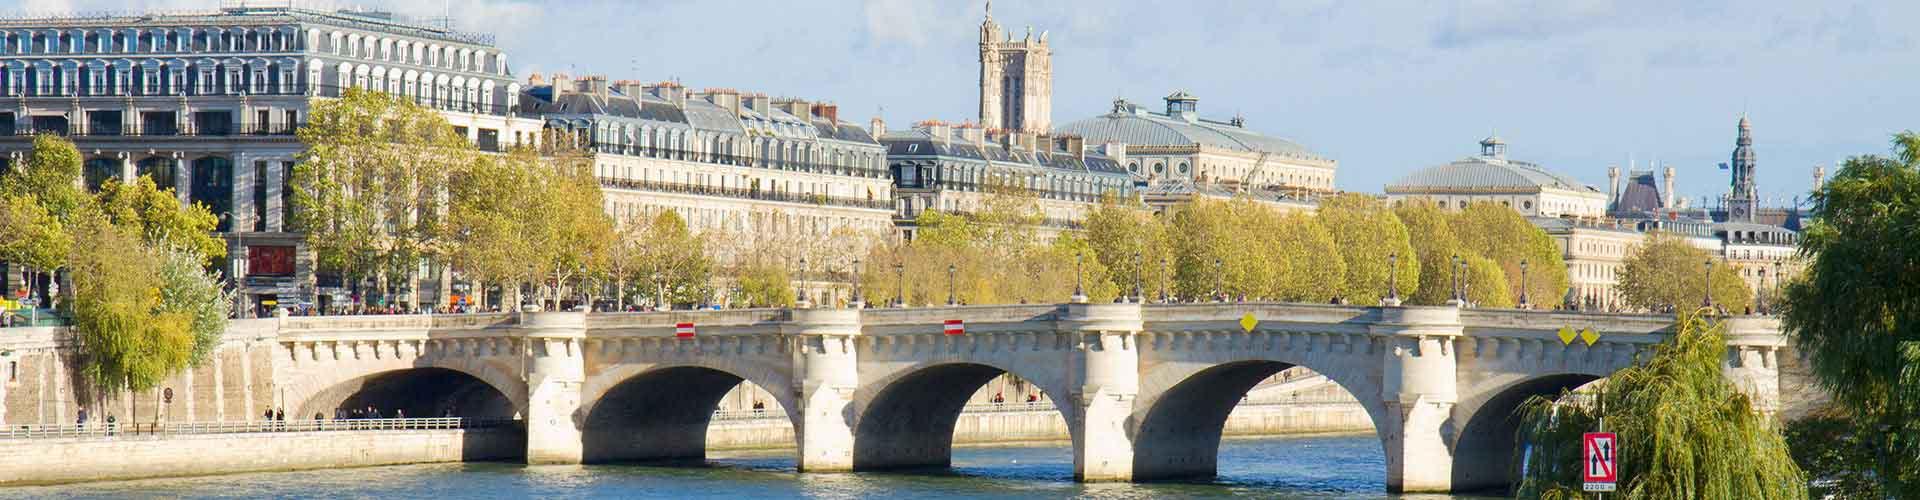 Pariisi – Hostellit lähellä Pont Neuf. Pariisi -karttoja, valokuvia ja arvosteluja kaikista Pariisi -hostelleista.